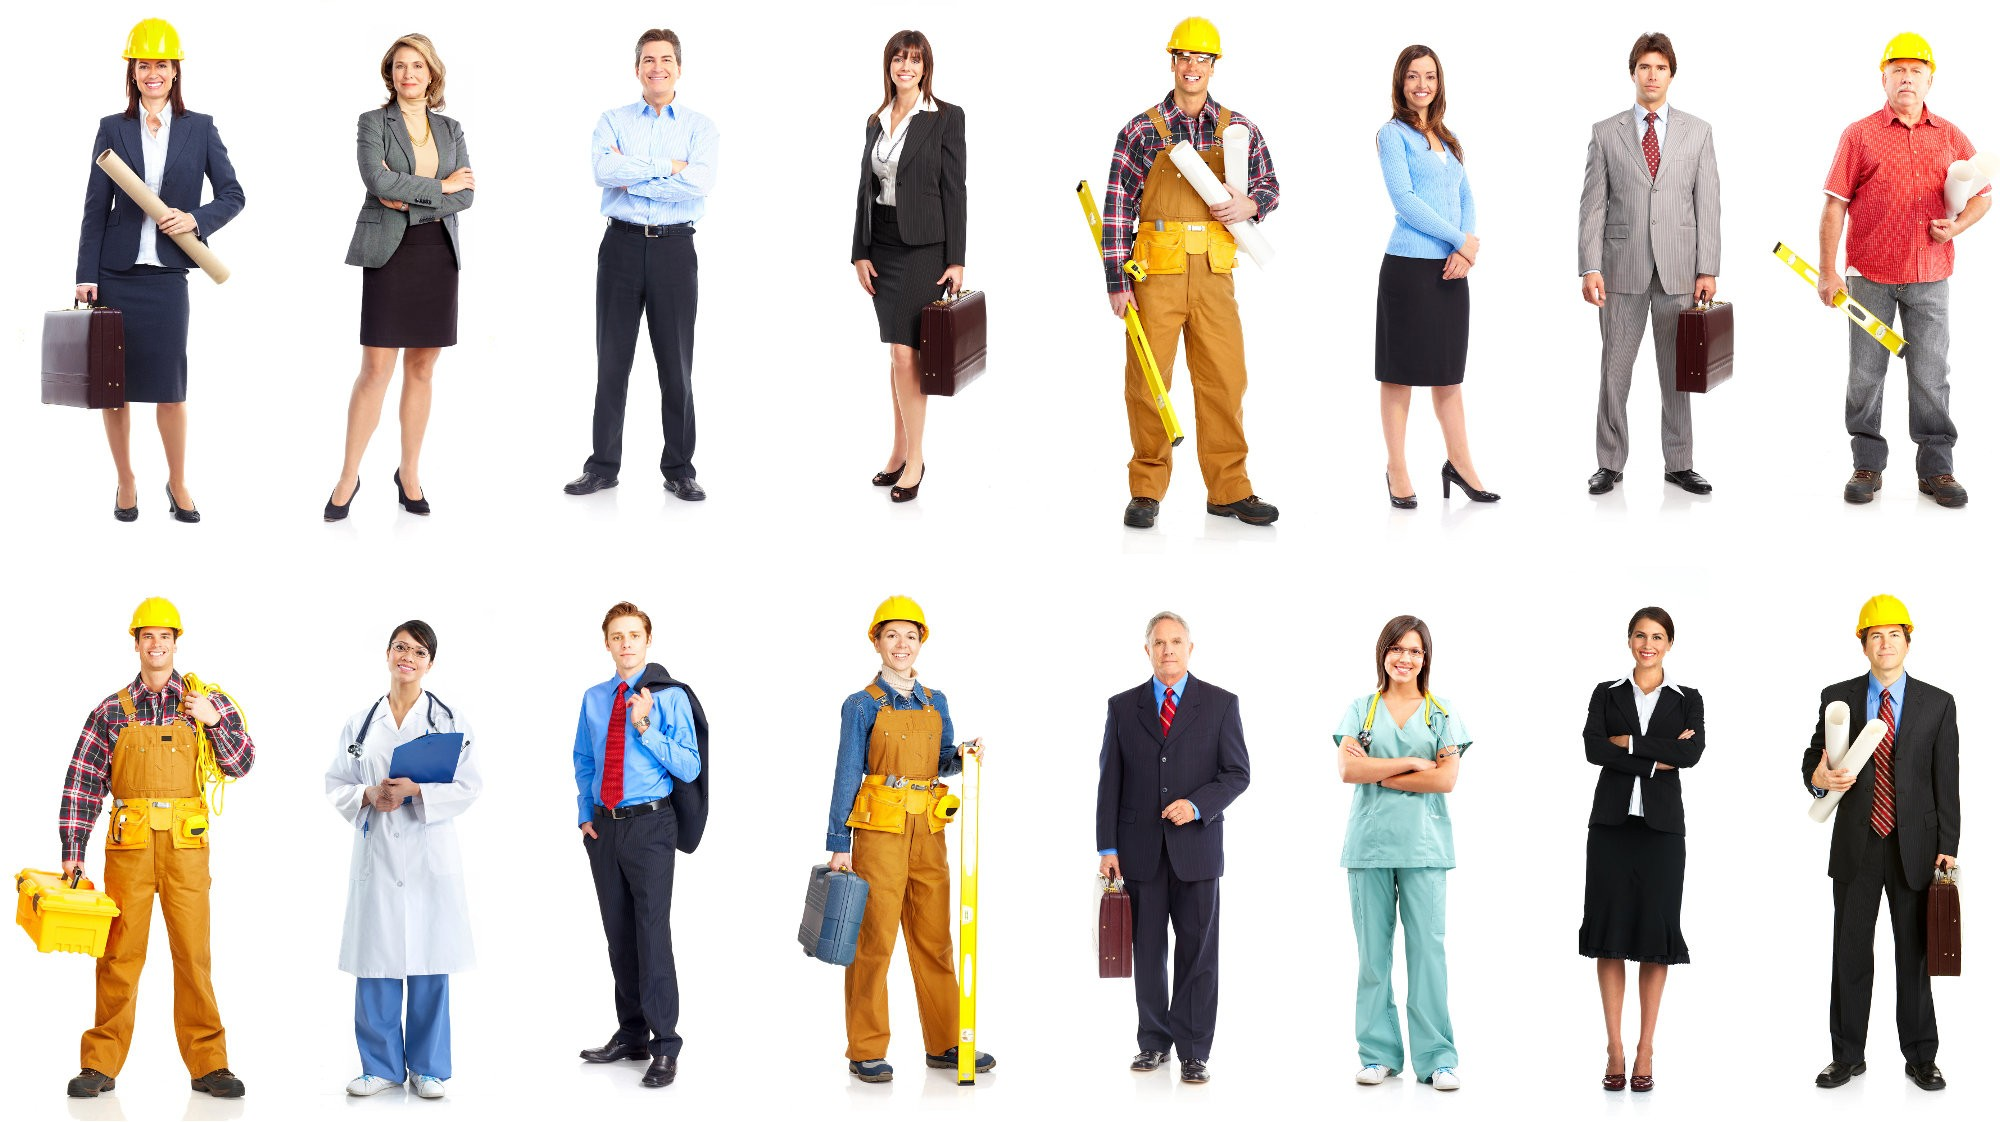 Decreto Rilancio: tutte le misure per lavoratori e famiglie. Focus su indennità, bonus, reddito di emergenza (con procedura attivata)